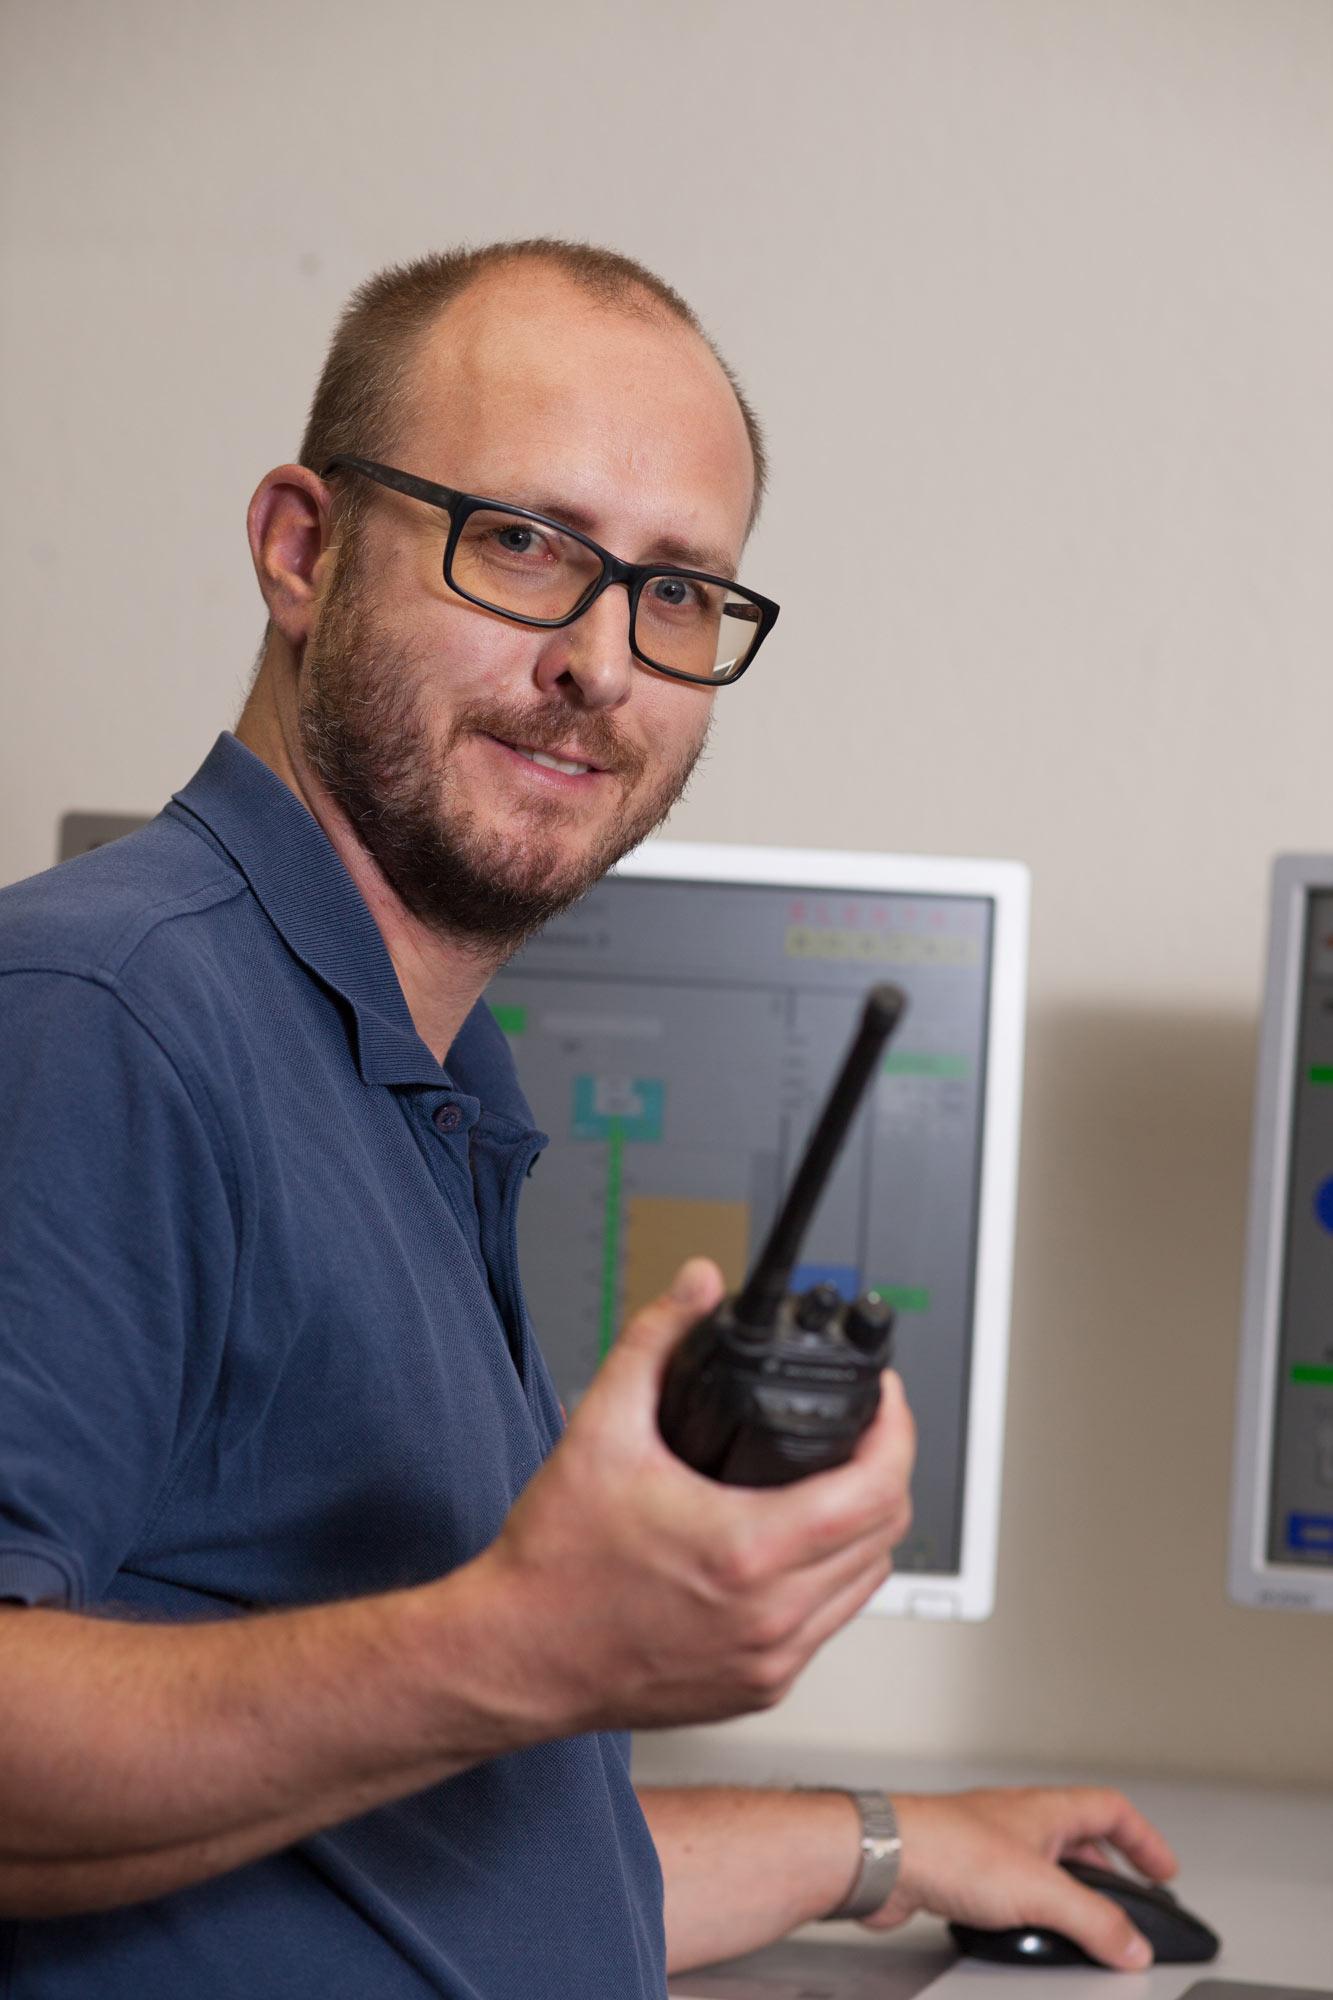 Christoph Steindl, Schriesheim production manager